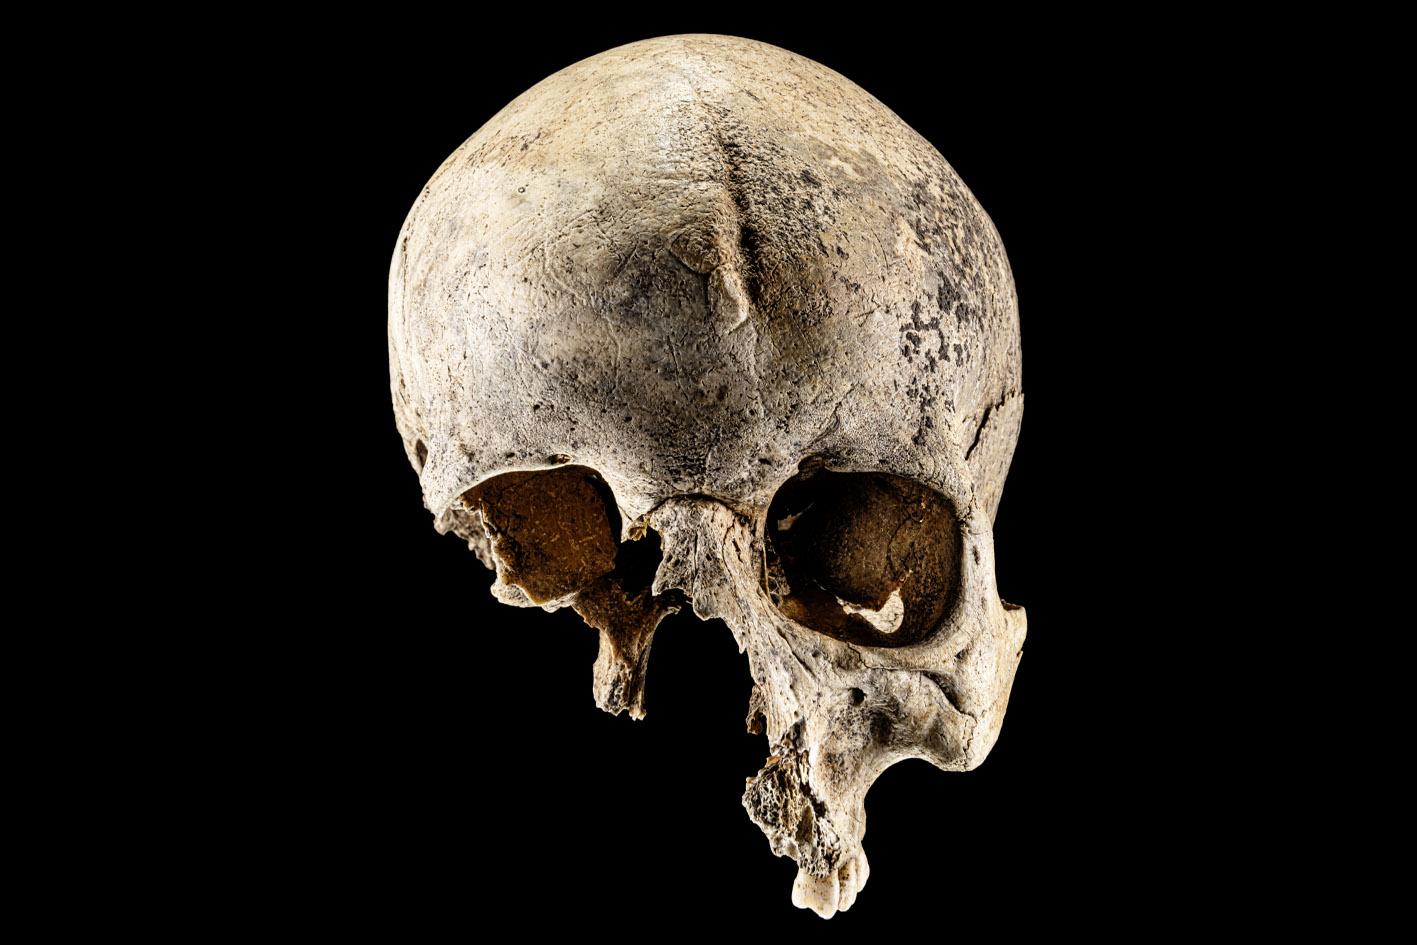 Foto: Menschlicher Schädel, dem die untere Gesichtspartie fehlt